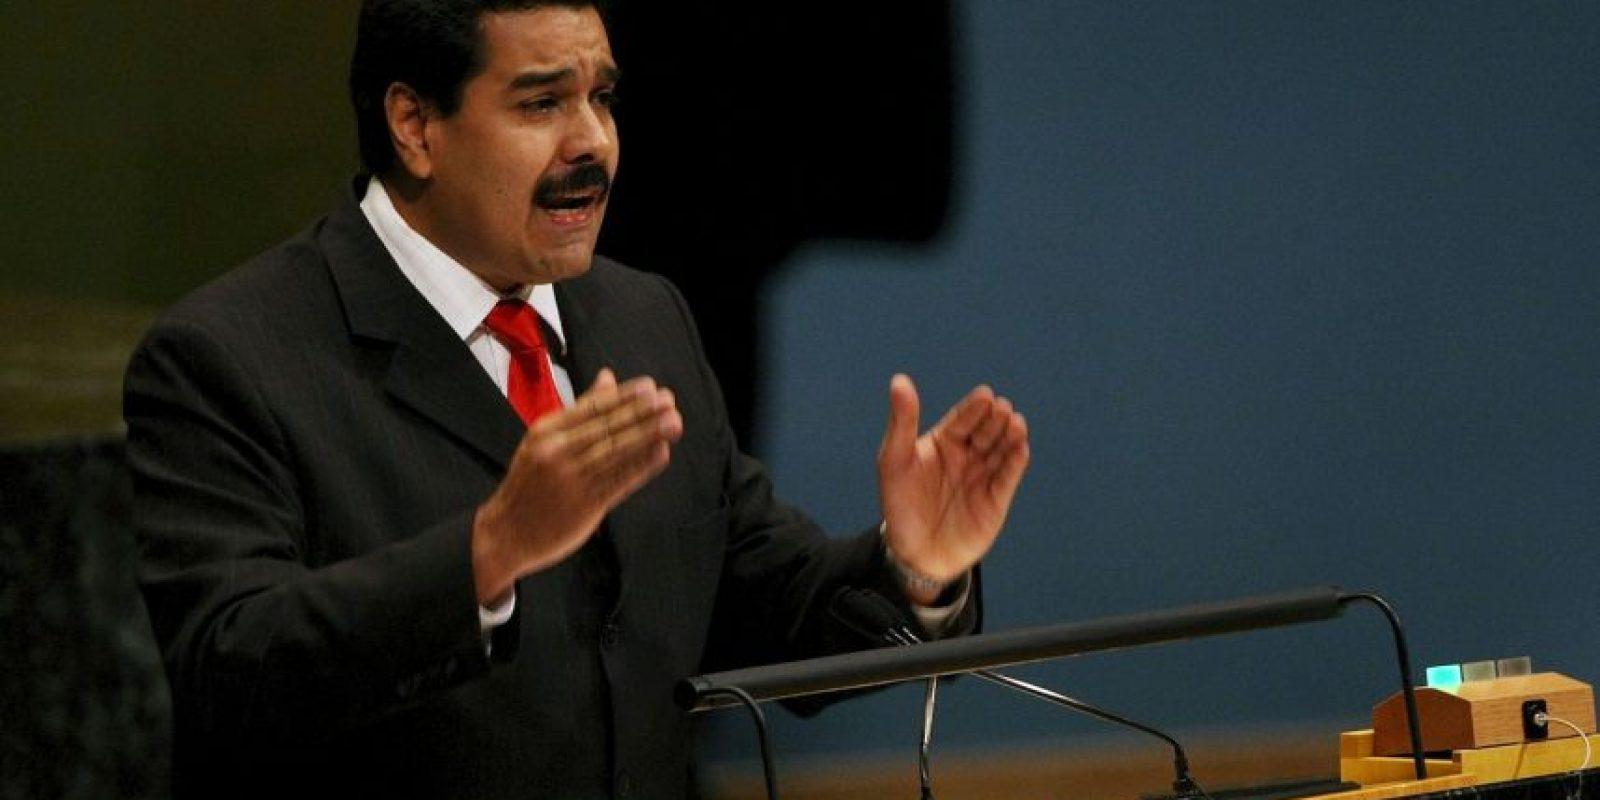 El presidente venezolano, Nicolás Maduro, ha anunciado este martes una remodelación de Gobierno. Foto:Getty Images